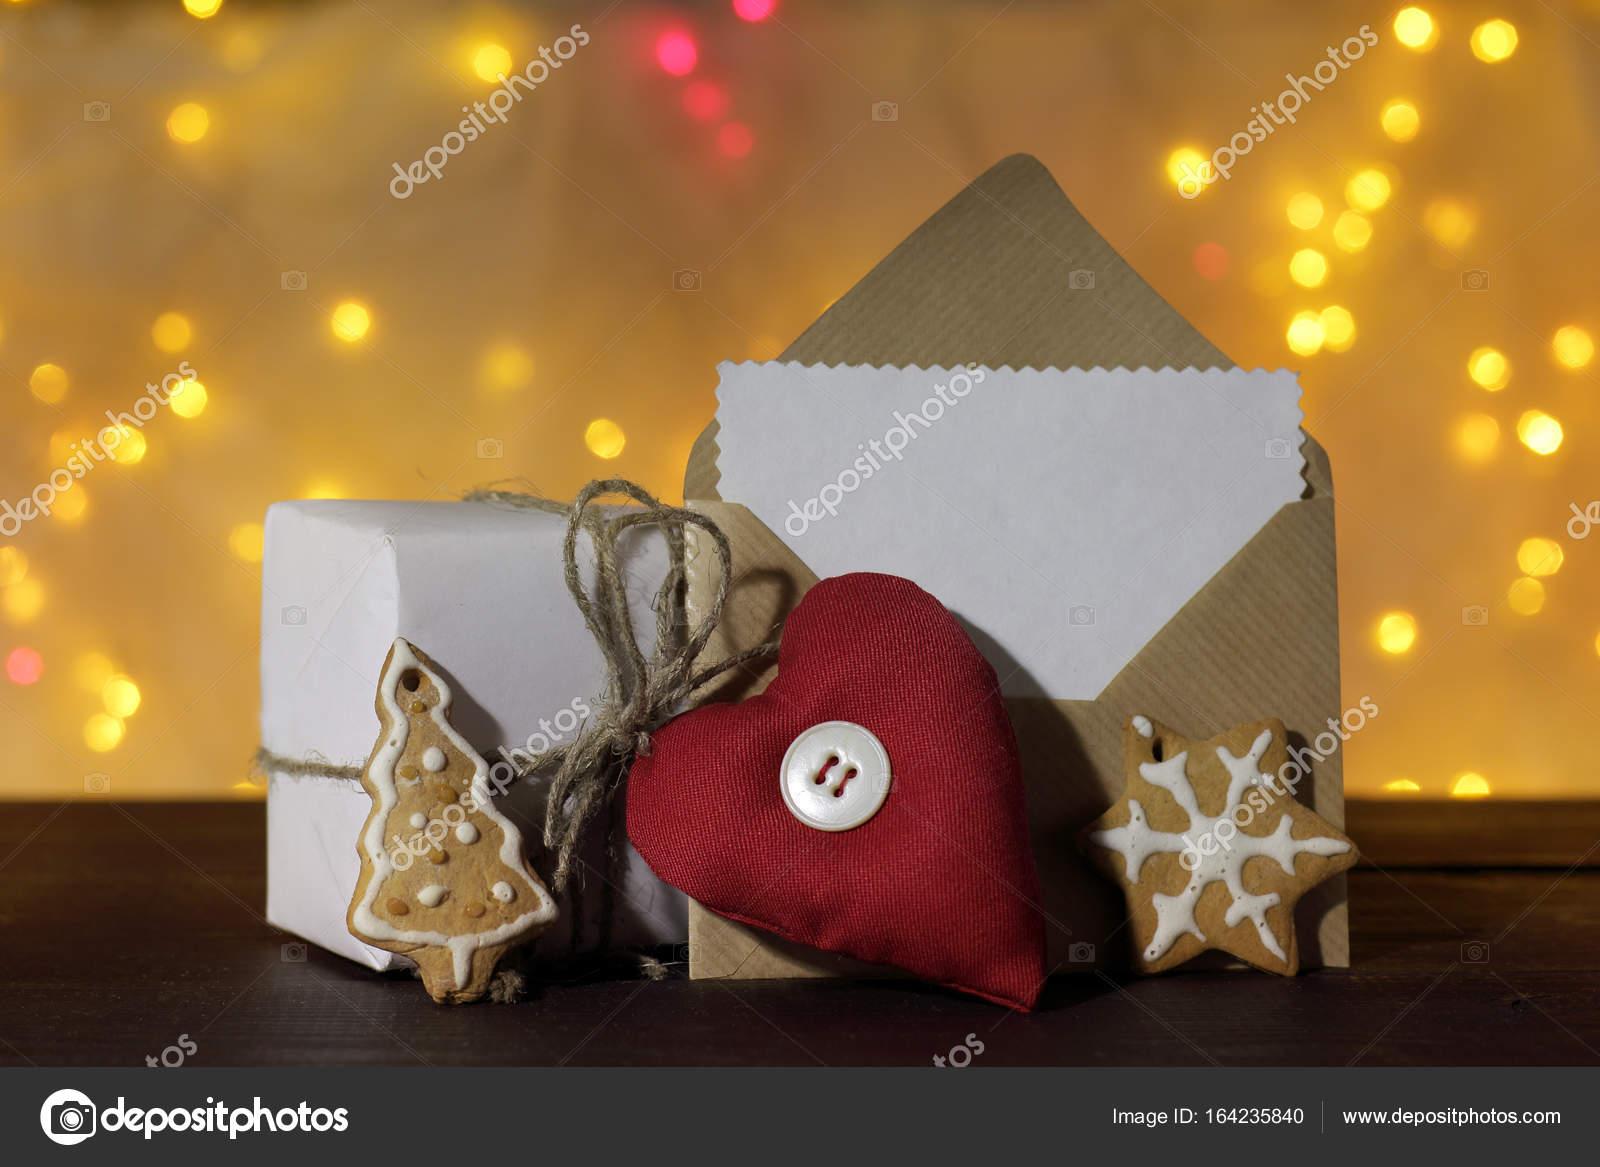 Weihnachten Mit Fantasy.Weihnachten Fantasy Liebe Stockfoto Baza178 164235840